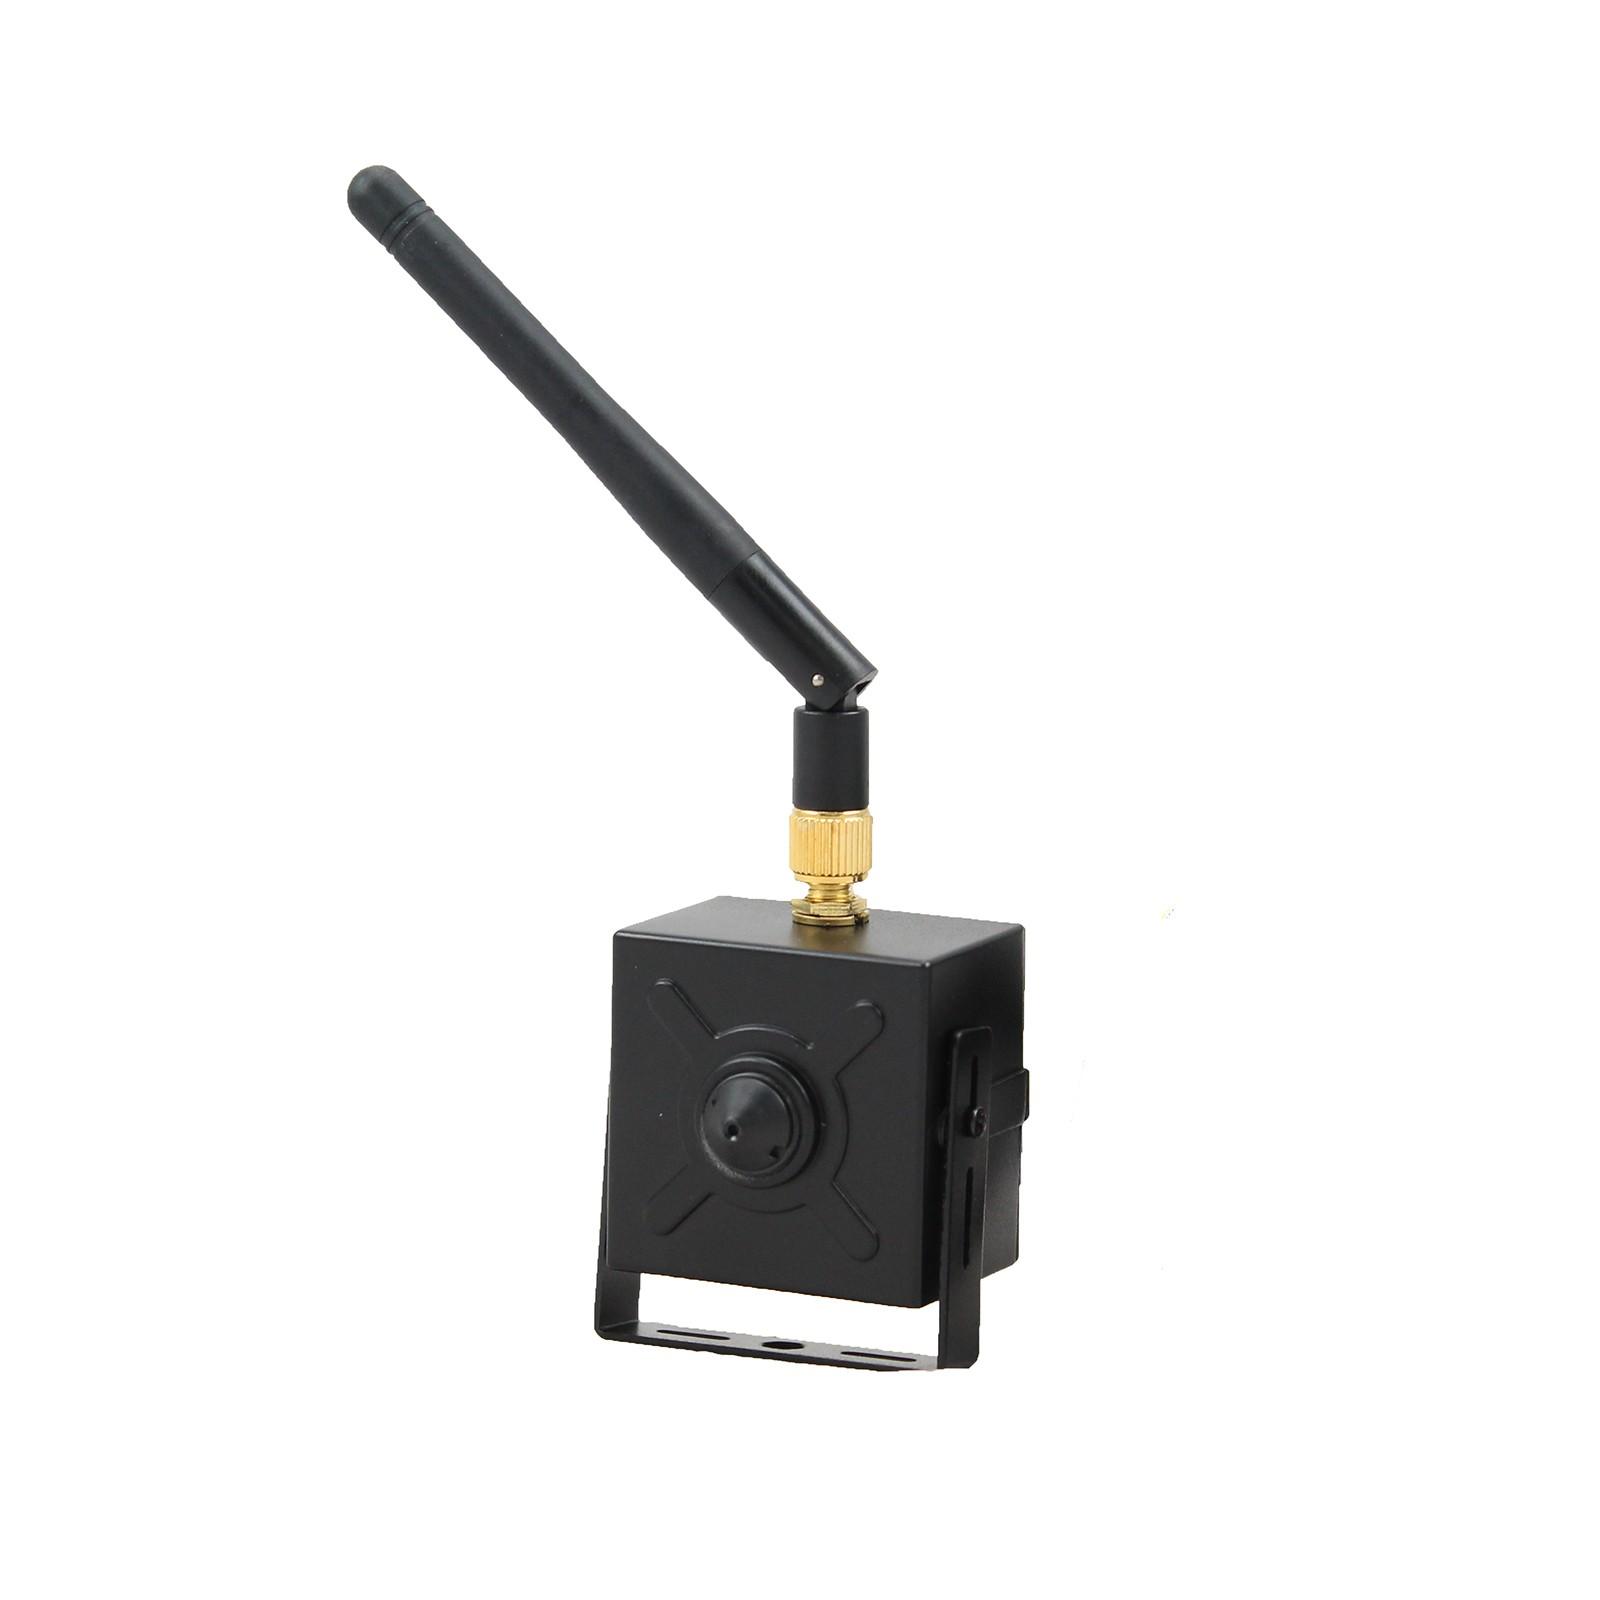 Hdip2mpx36w telecamera ip wireless nascosta da 2megapixel e ottica setik prezzo - Telecamera nascosta camera da letto ...